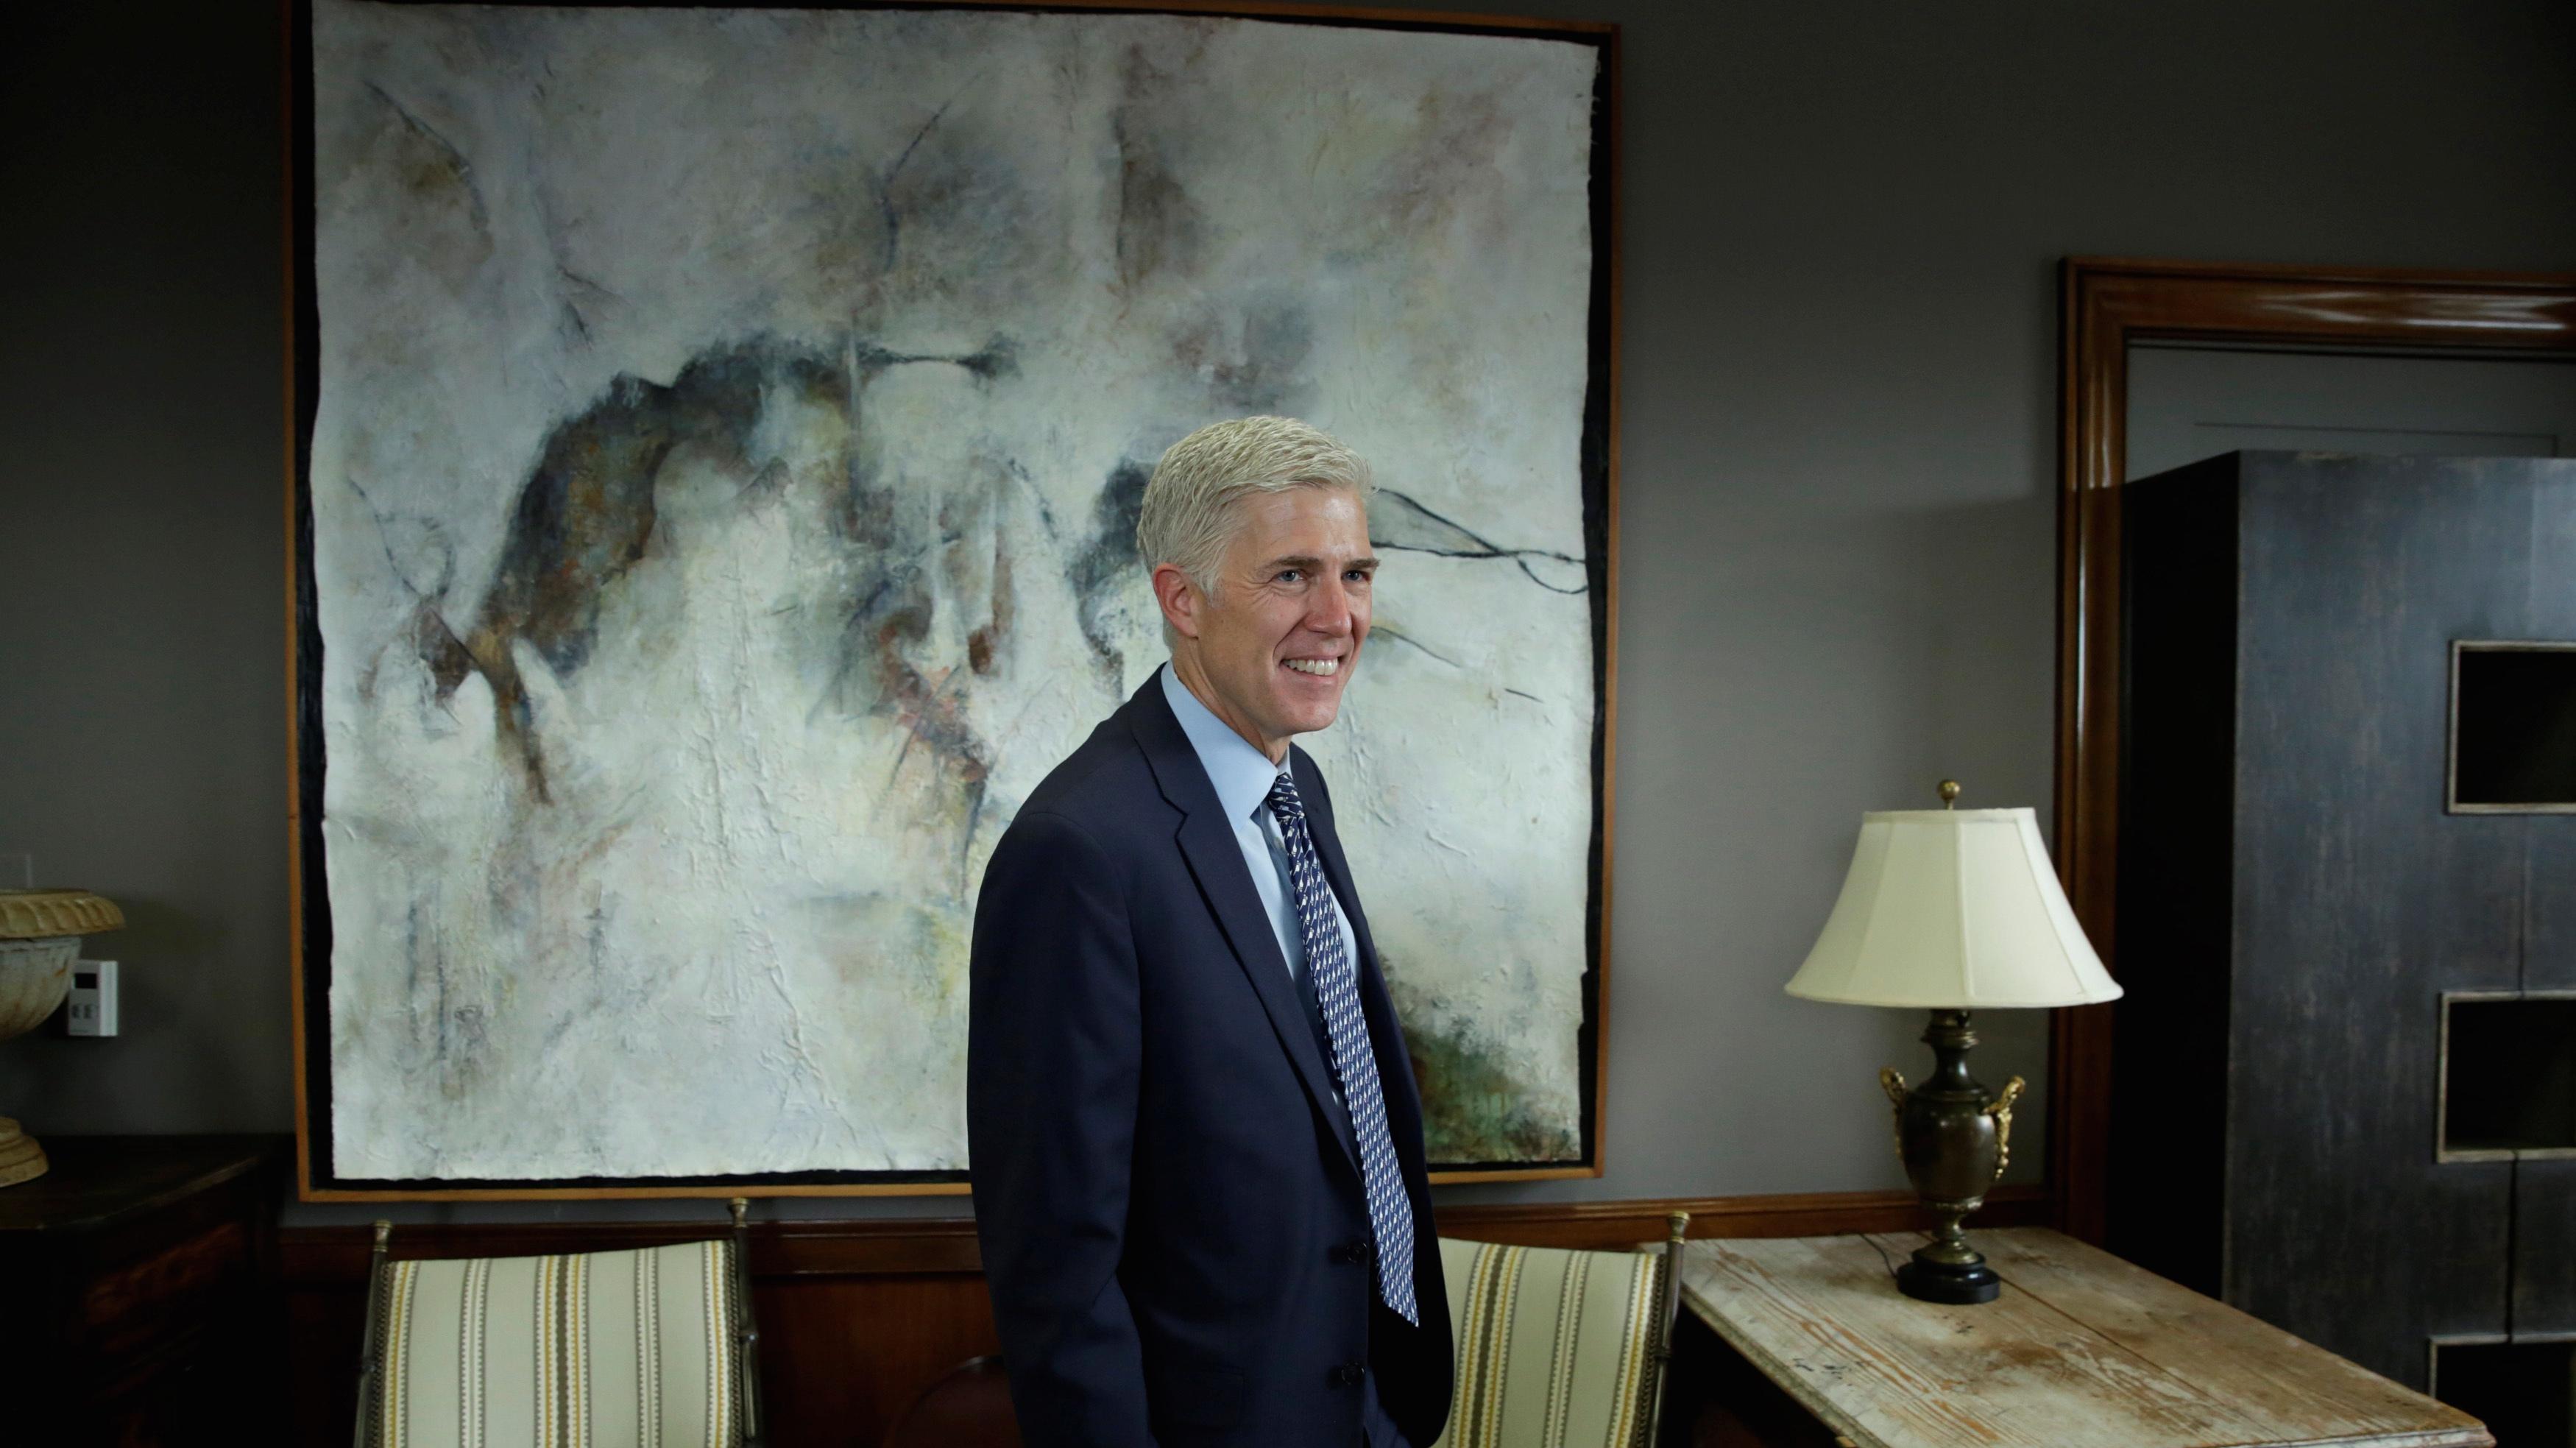 US Supreme Court nominee Judge Neil Gorsuch.